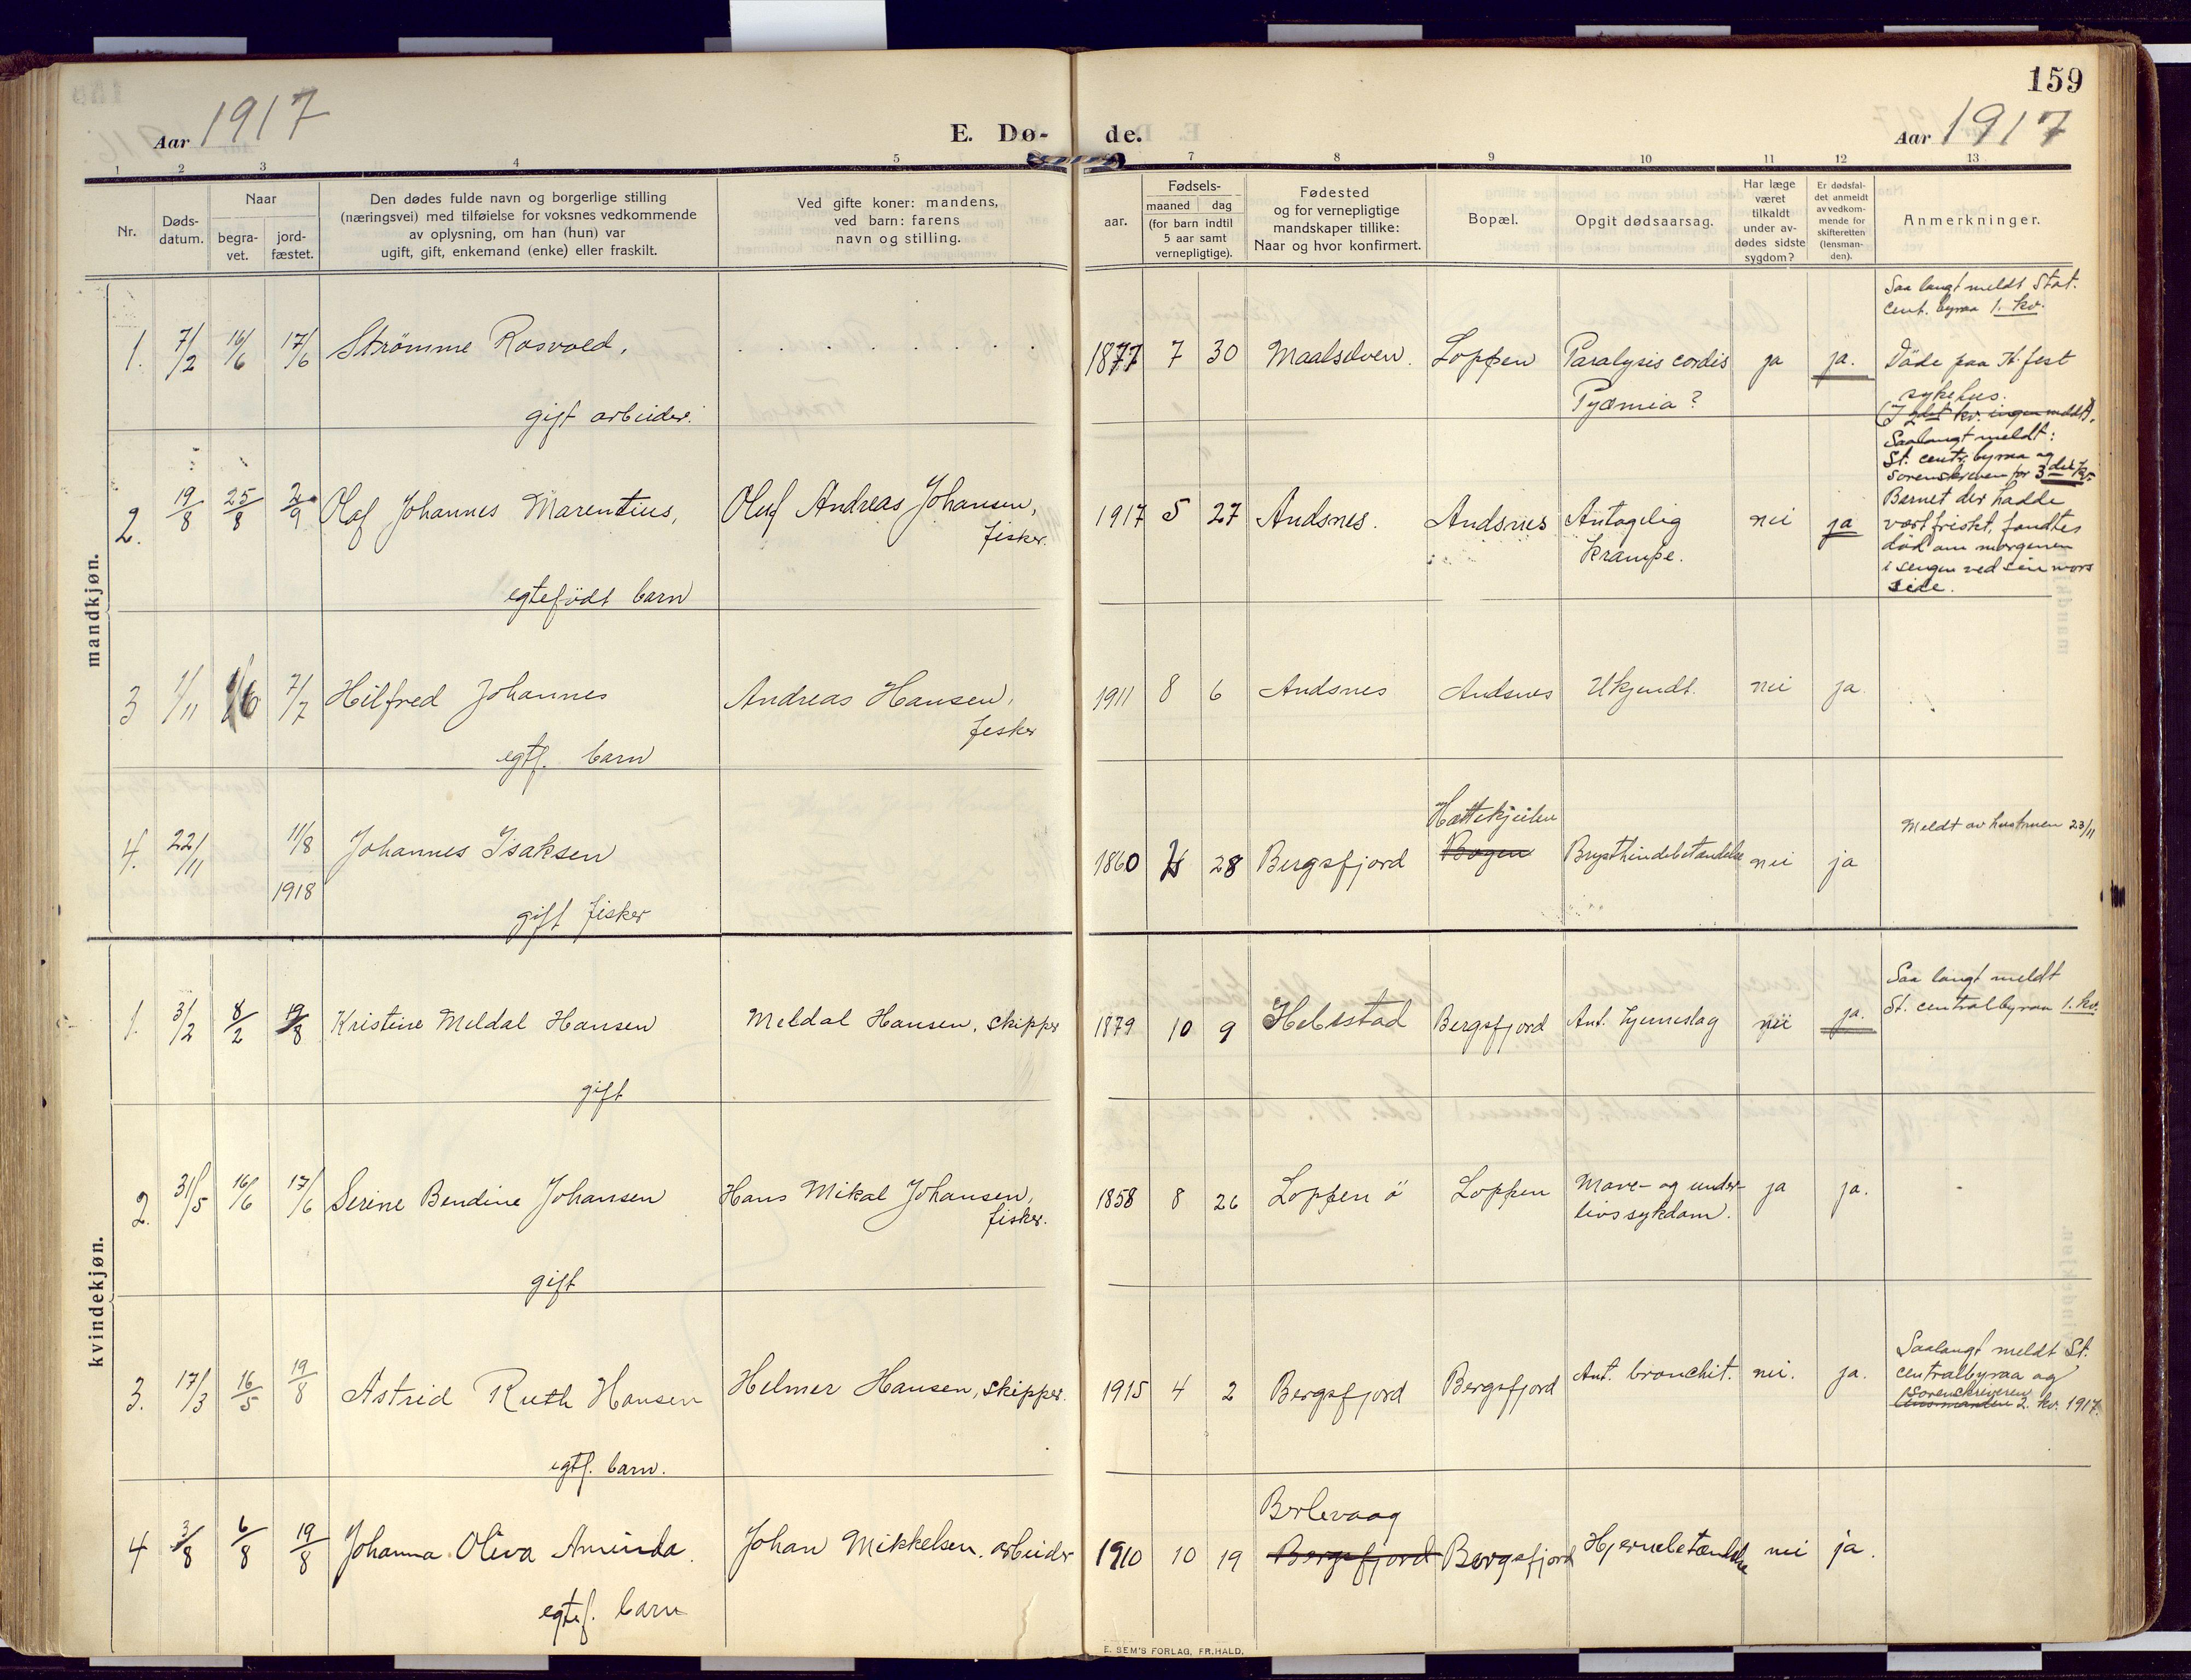 SATØ, Loppa sokneprestkontor, H/Ha/L0011kirke: Ministerialbok nr. 11, 1909-1919, s. 159